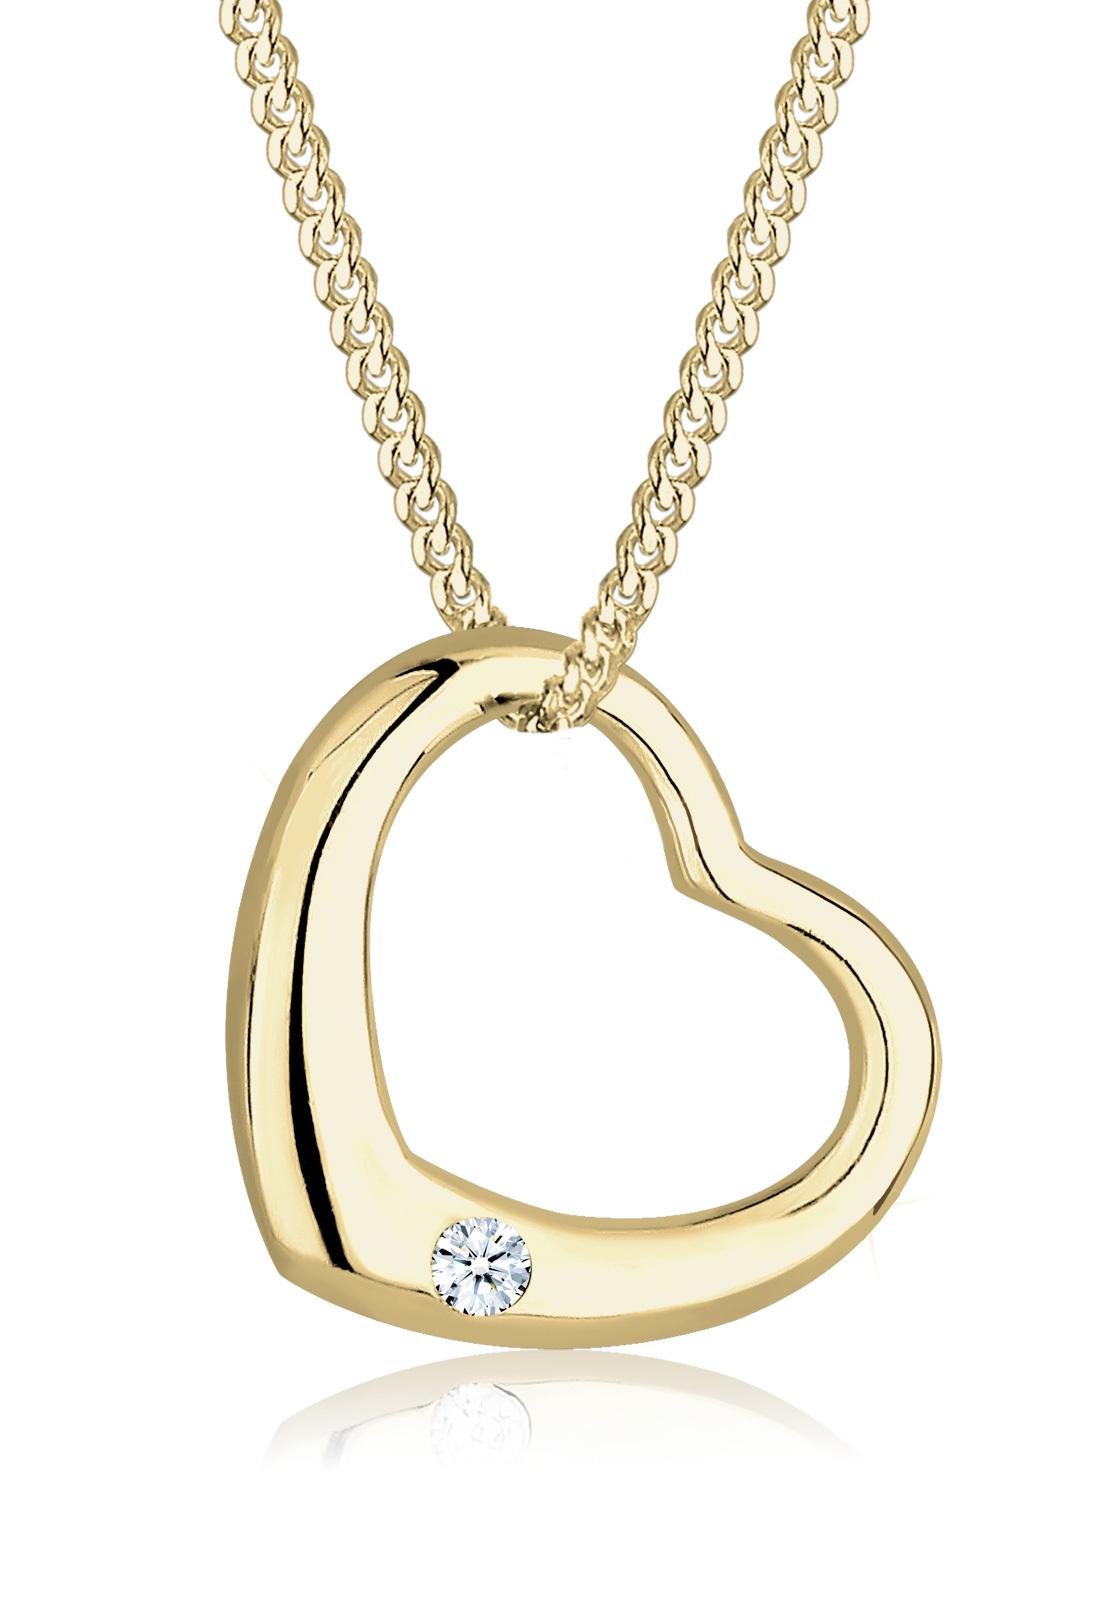 Halskette Herz   Diamant ( Weiß, 0,03 ct )   375 Gelbgold